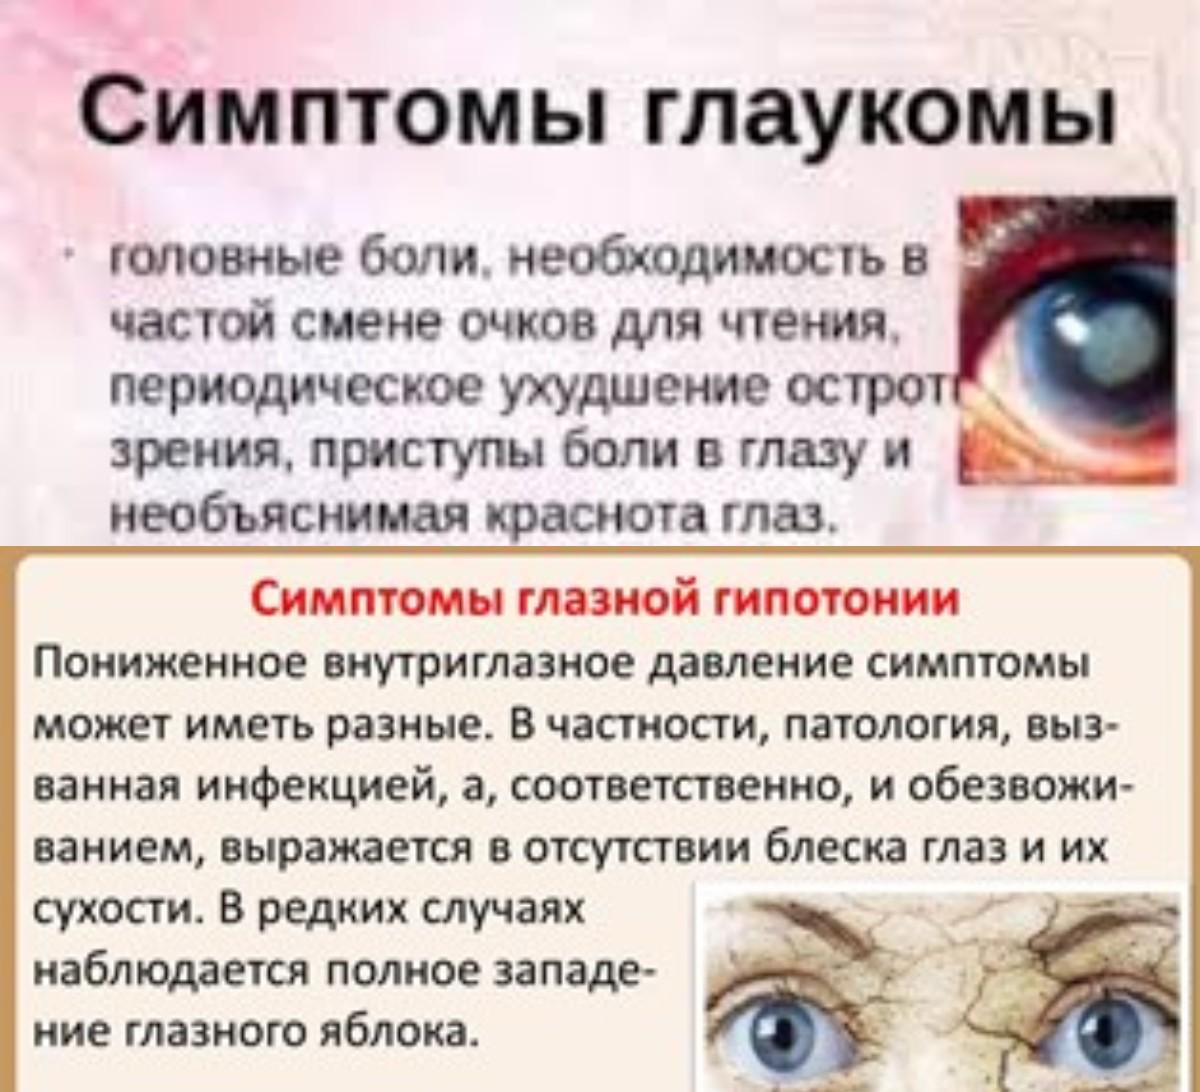 Какие самые первые признаки глаукомы и что нужно делать?